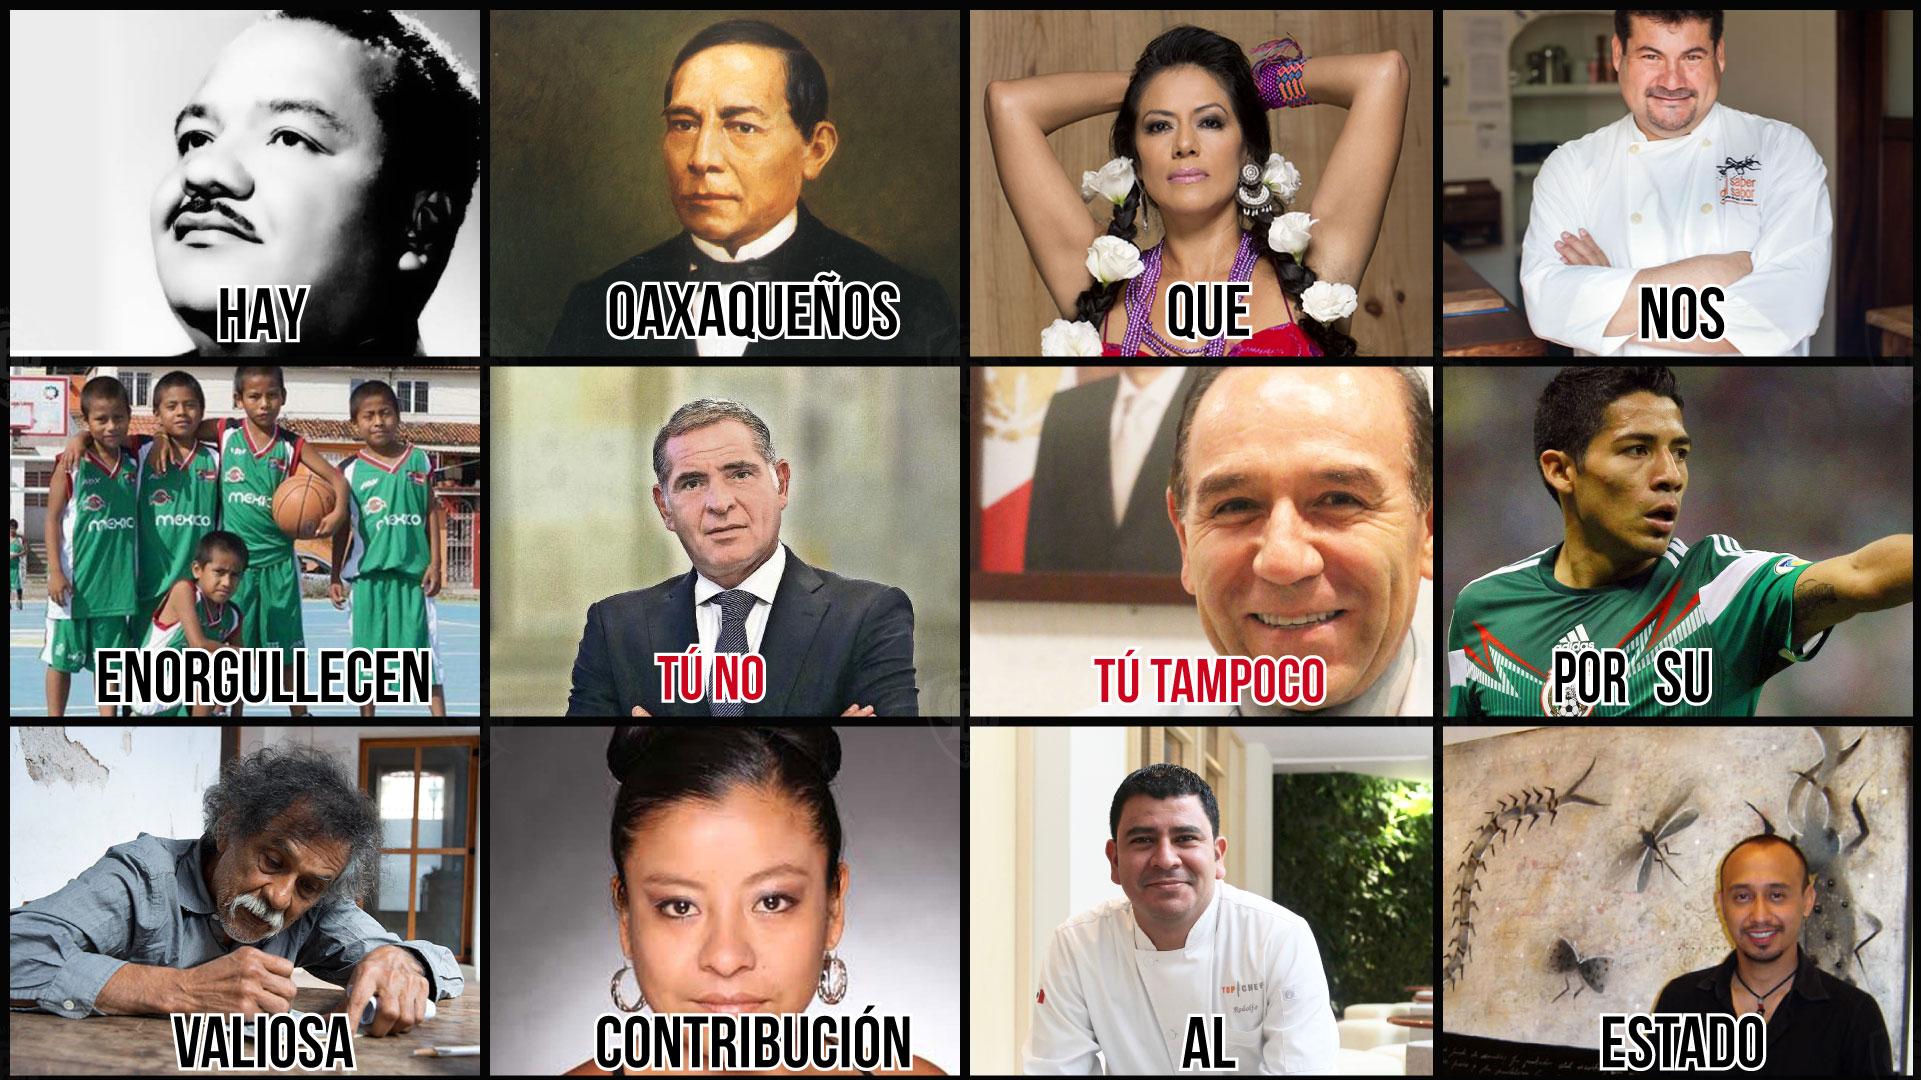 Los mejores memes de 'Tú no' | El Imparcial de Oaxaca